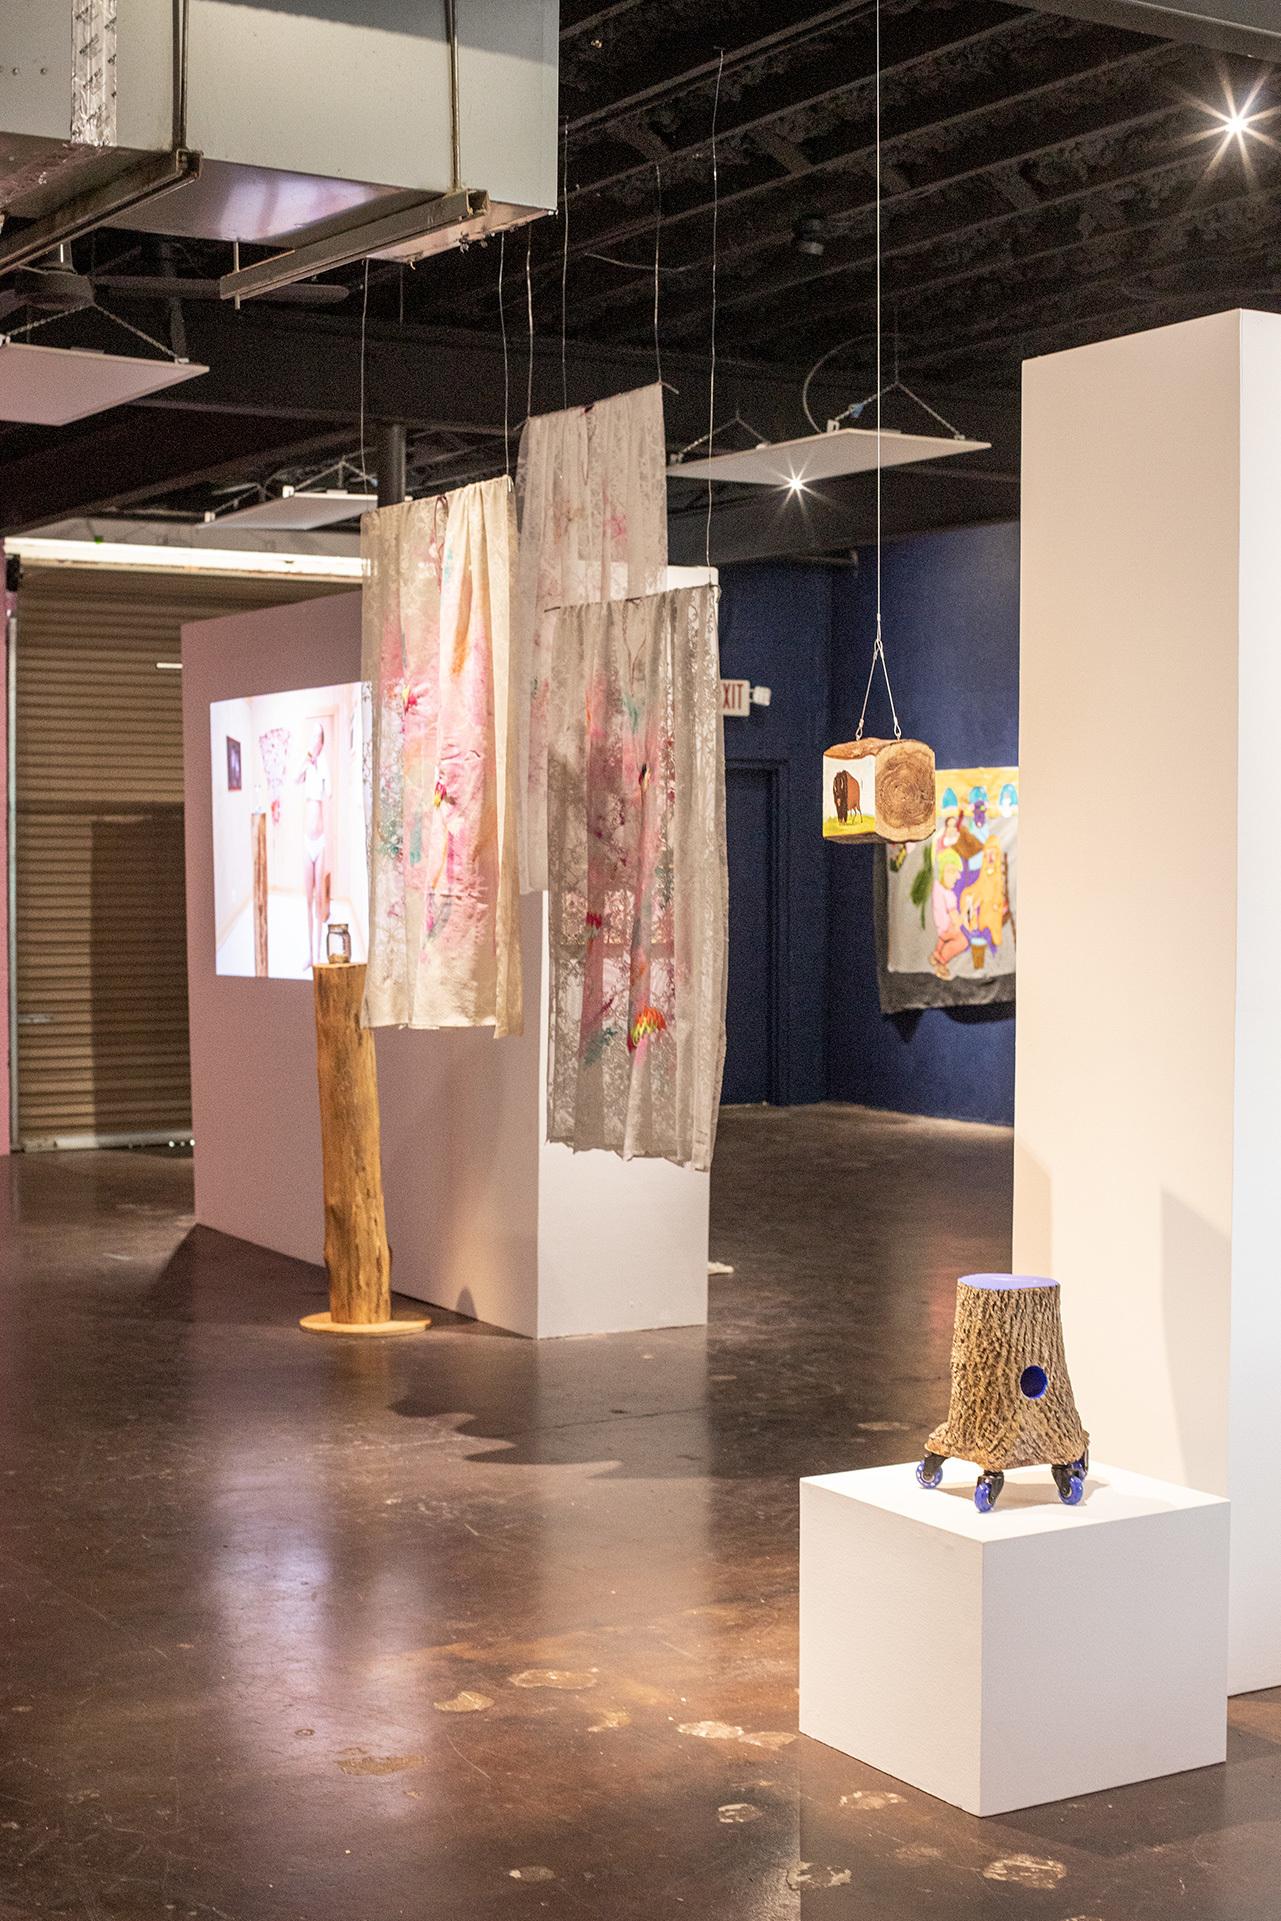 Gallery Visit, MOCAN, May 2021